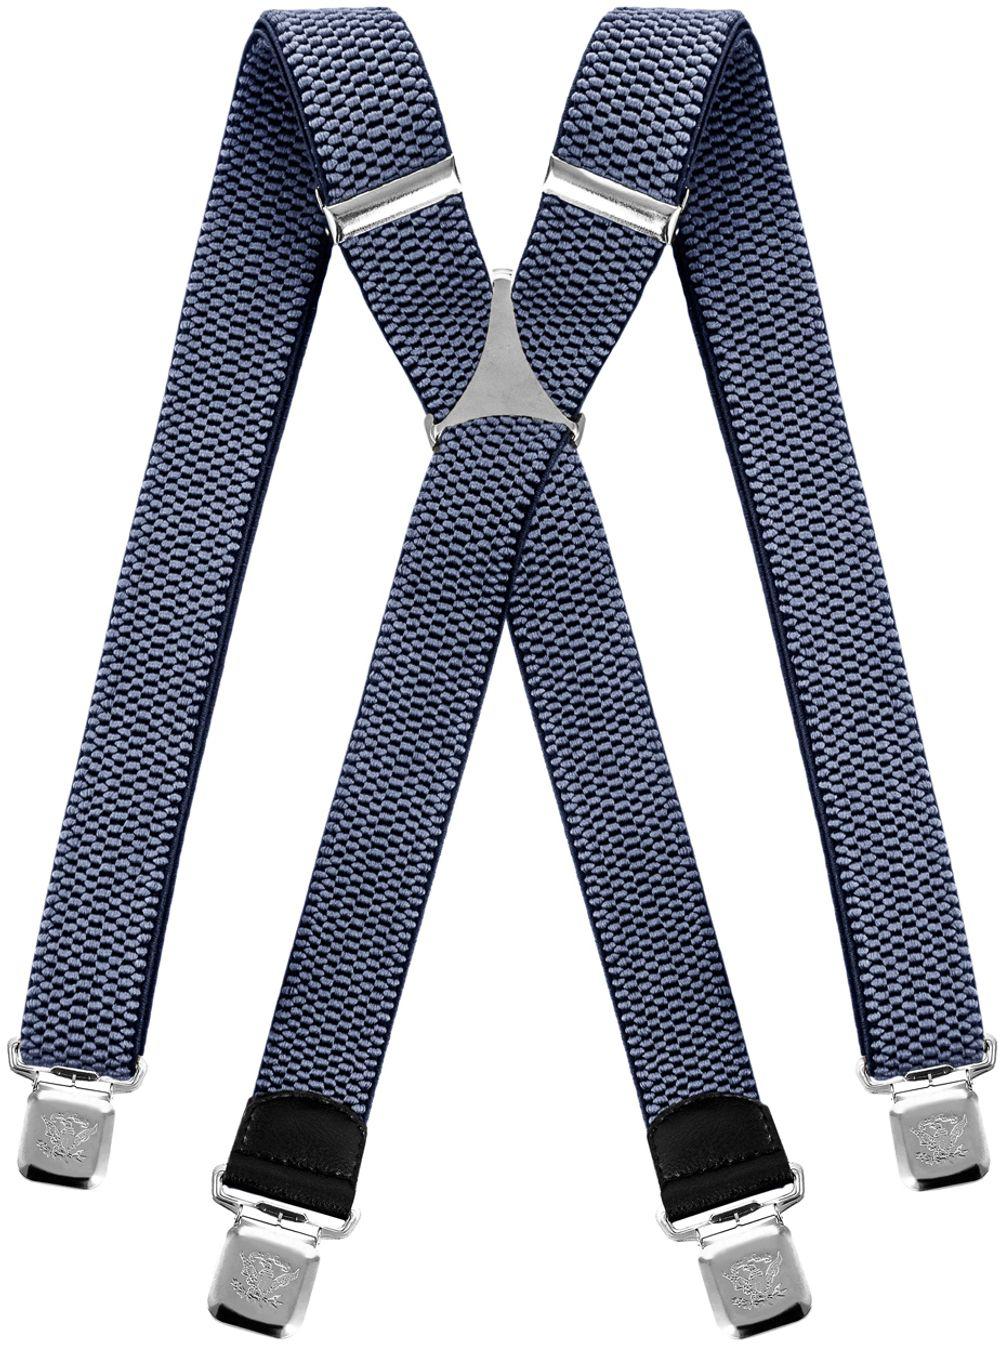 Grau 2 Hosenträger für Herren breit extra starken 4 cm mit 3er Clips Y-Form